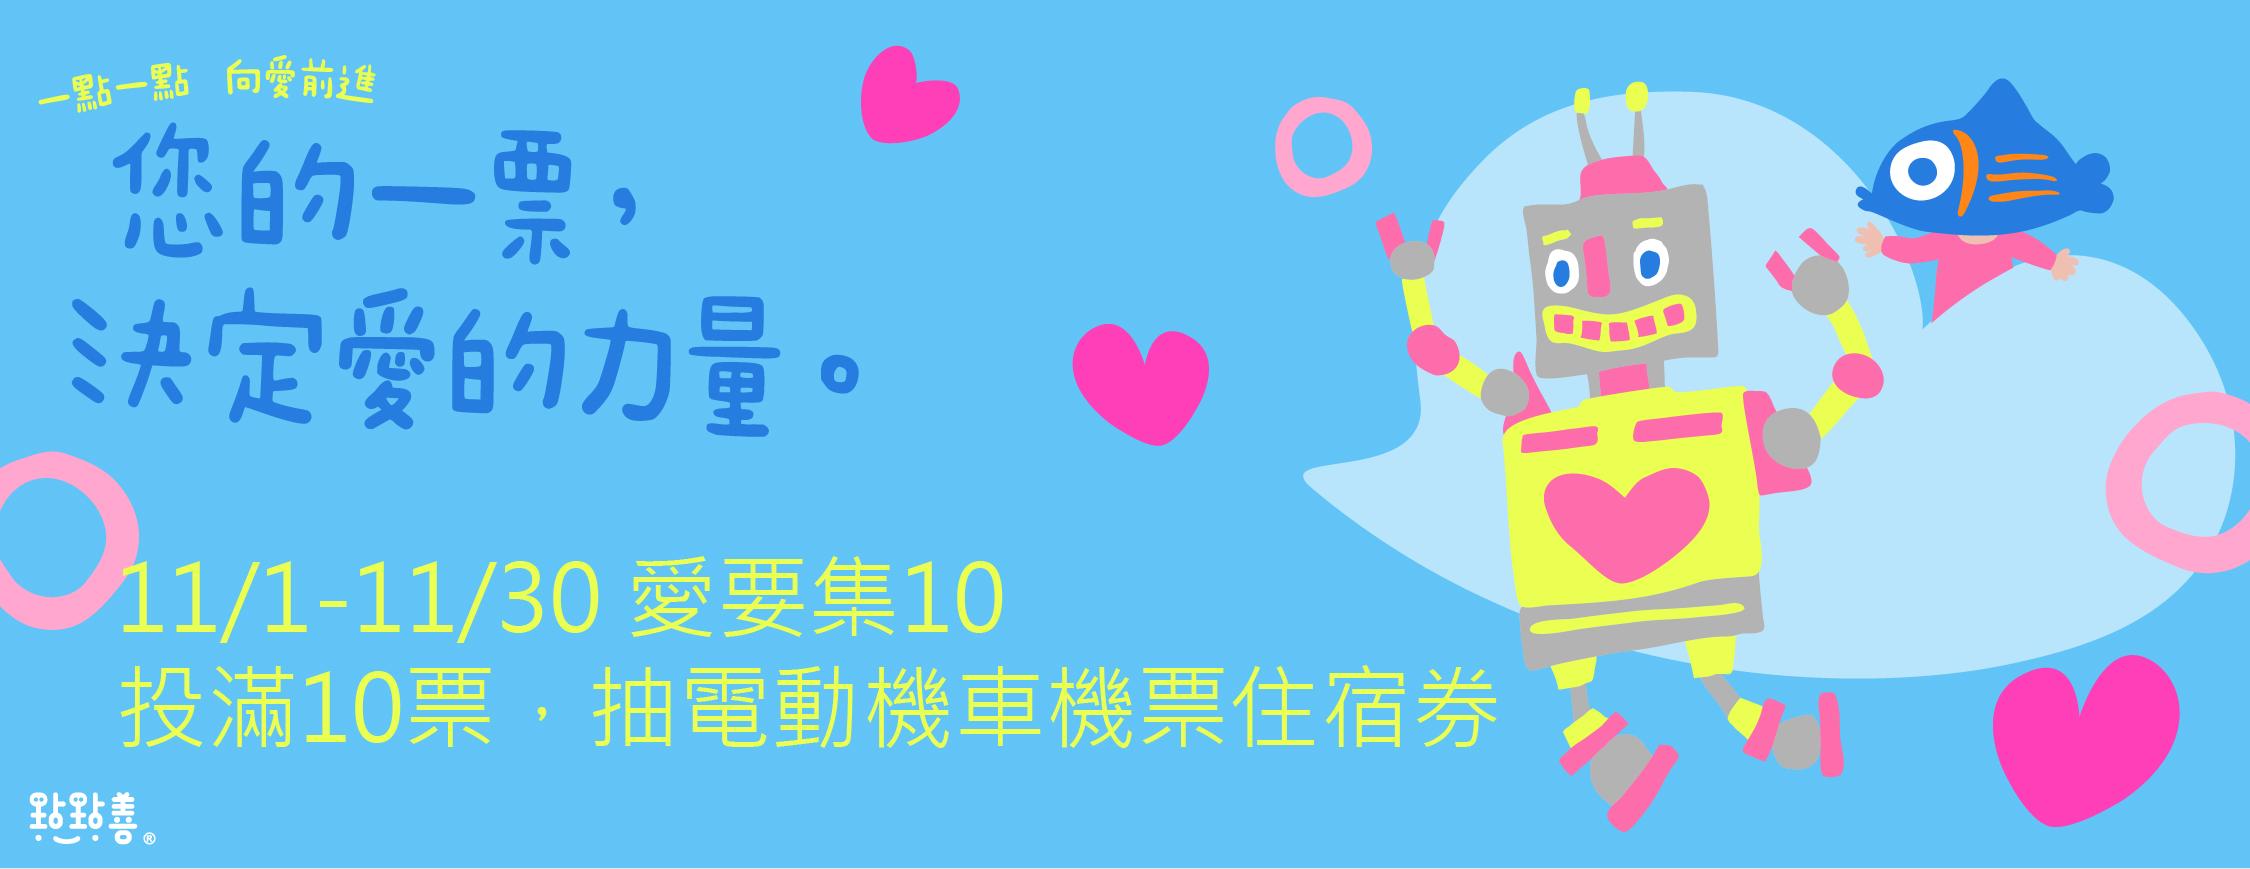 【好康報報】「您的一票,決定愛的力量」11/1-11/30投票 就有機會抽沖繩來回機票 代表圖